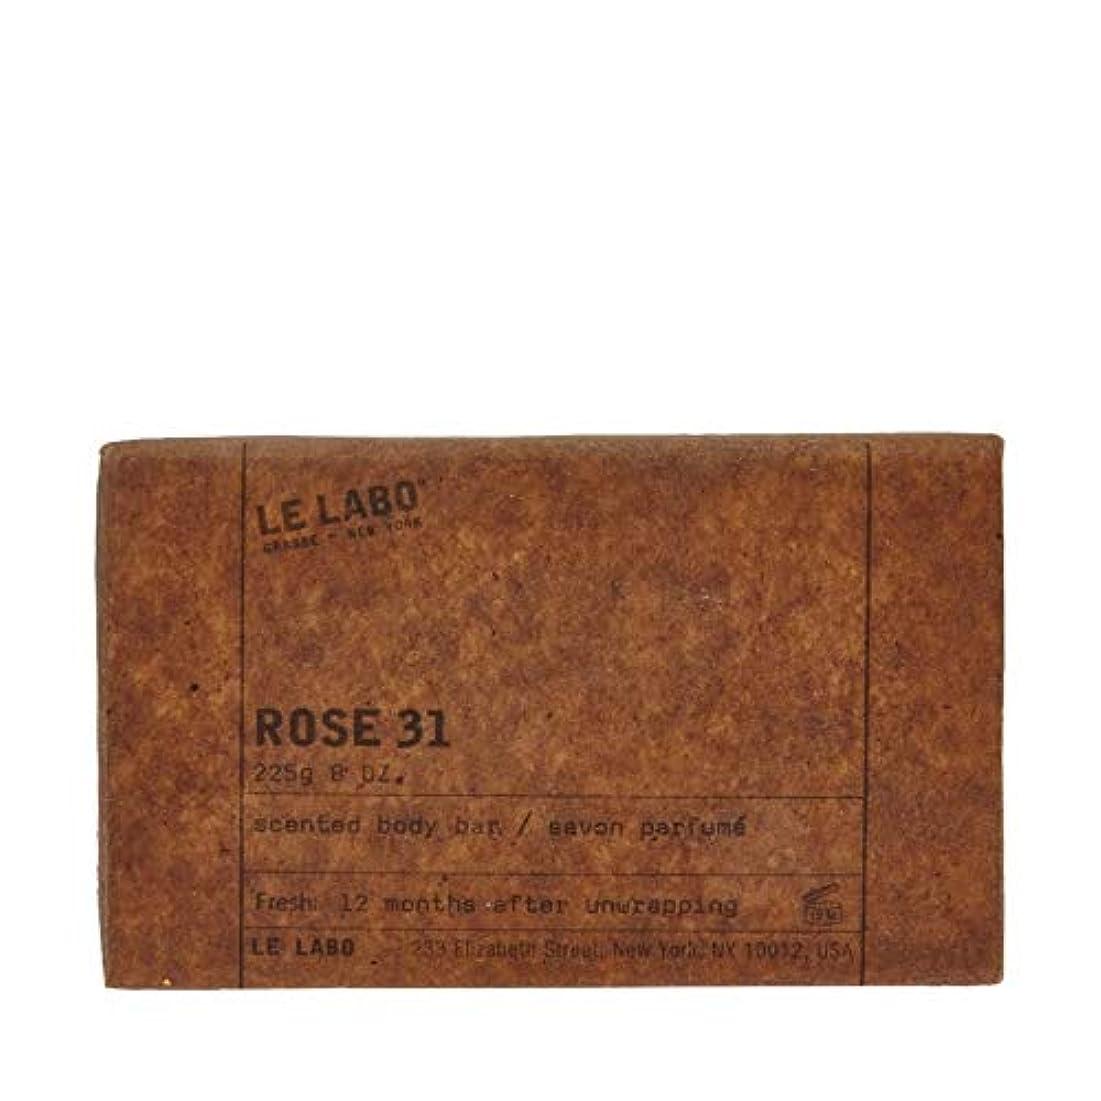 カフェフォージ考え[Le Labo ] ル?ラボルラボ31石鹸の225グラムをバラ - Le Labo Le Labo Rose 31 Soap 225g [並行輸入品]